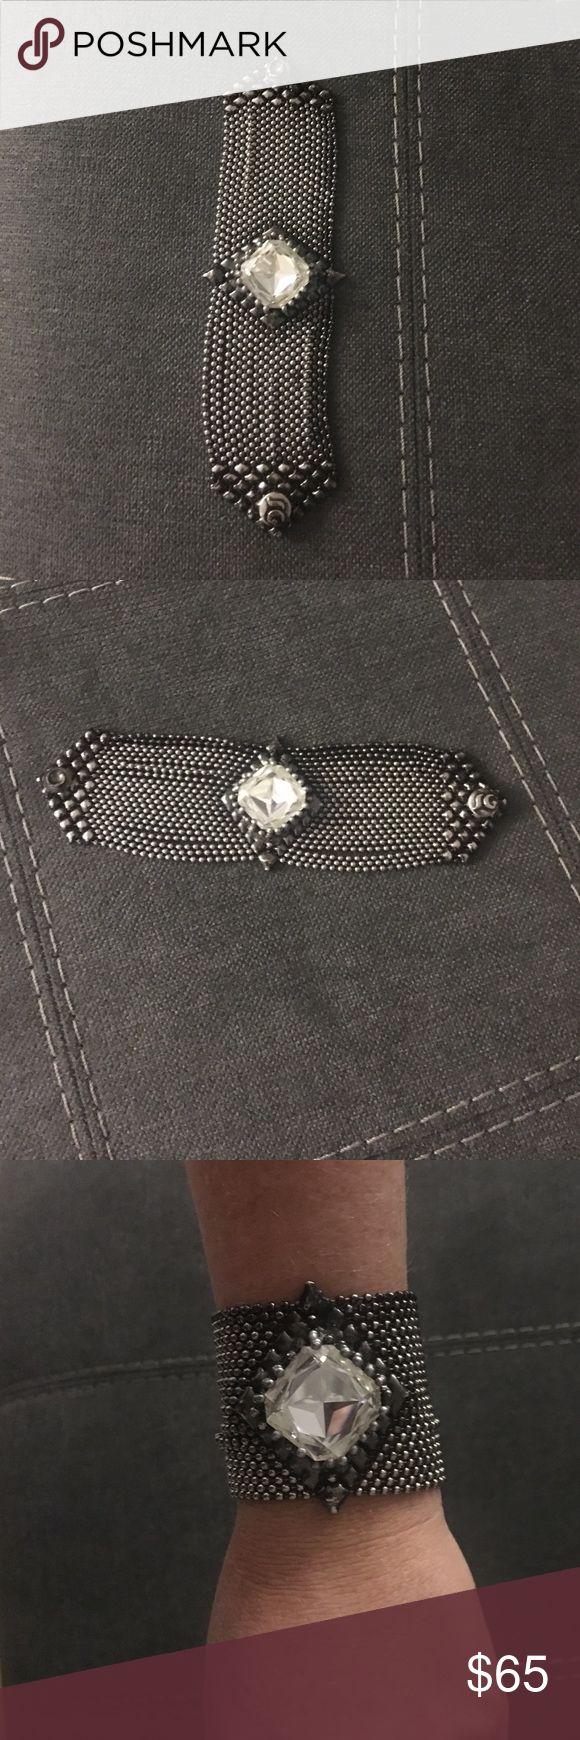 Sergio Gutierrez silver mesh bracelet Beautiful silver mesh bracelet by Sergio Gutierrez Sergio Gutierrez  Jewelry Bracelets